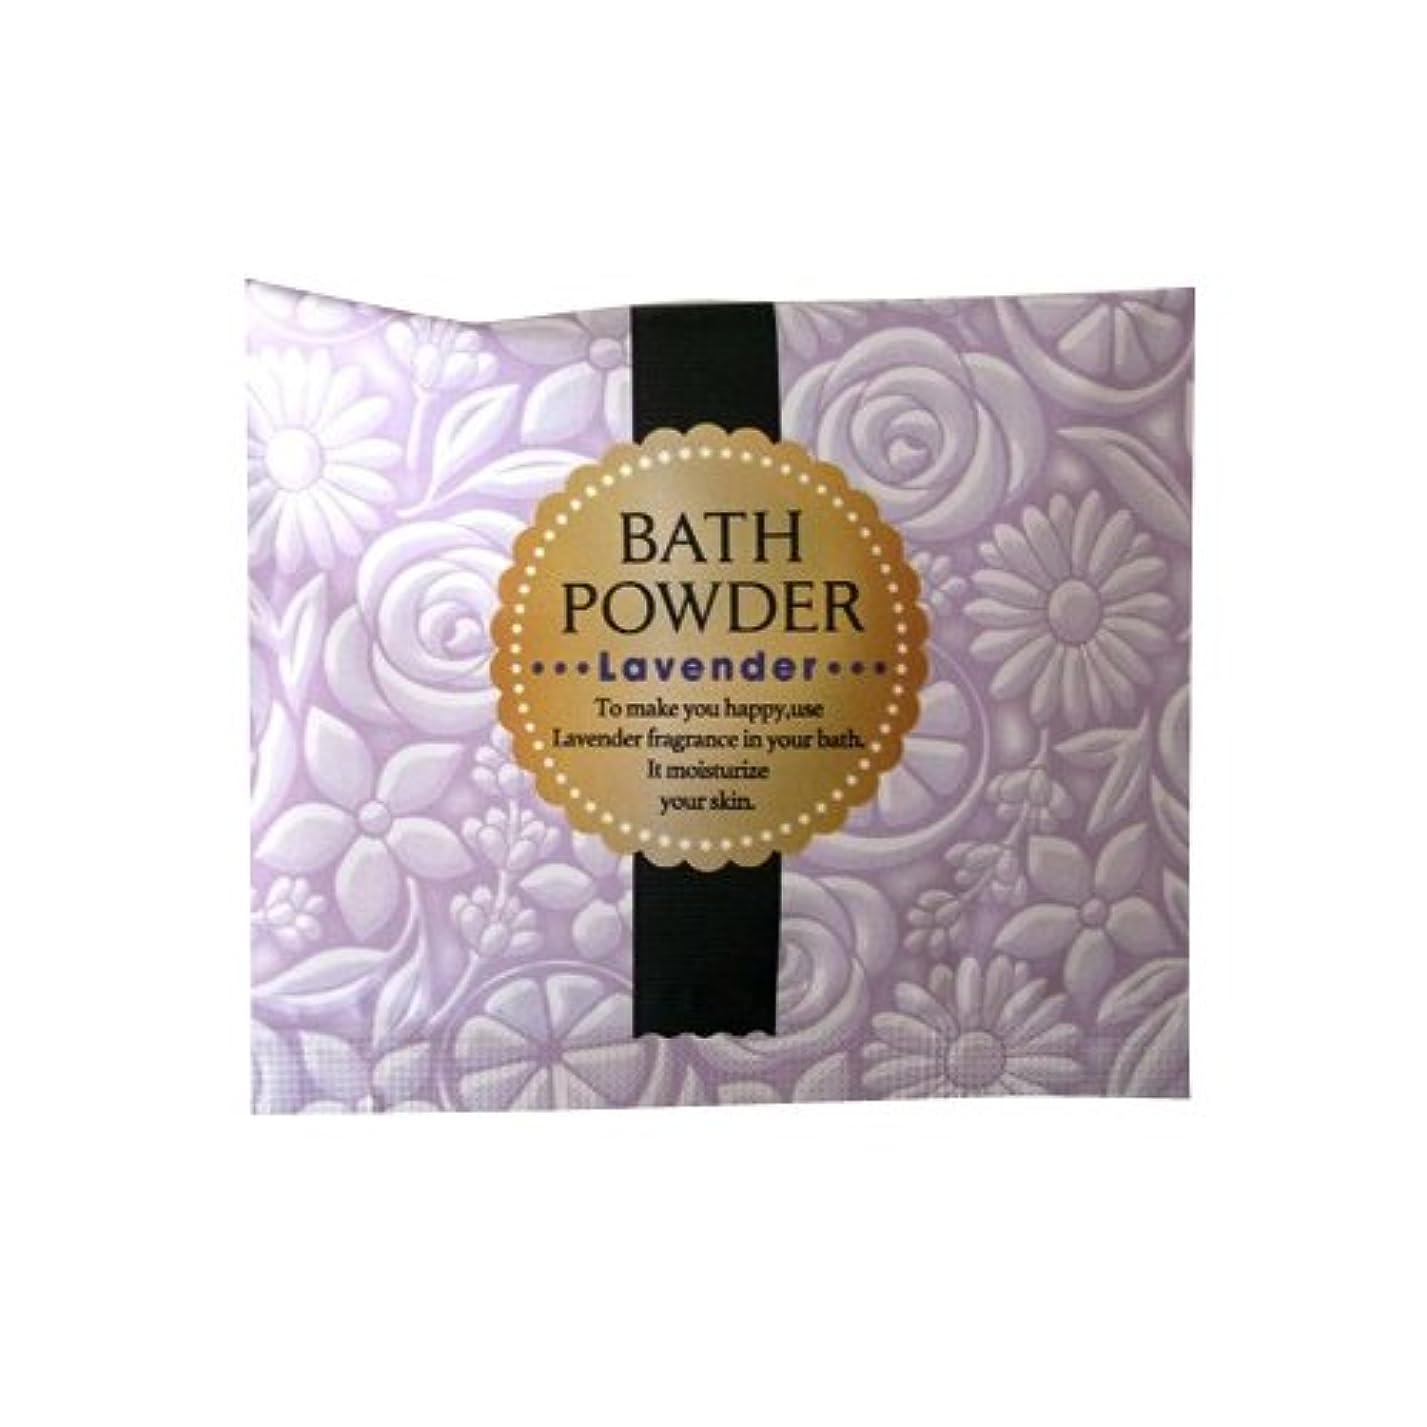 タフ迷信切り刻む入浴剤 LUCKY BATH (ラッキーバス) 25g ラベンダーの香り